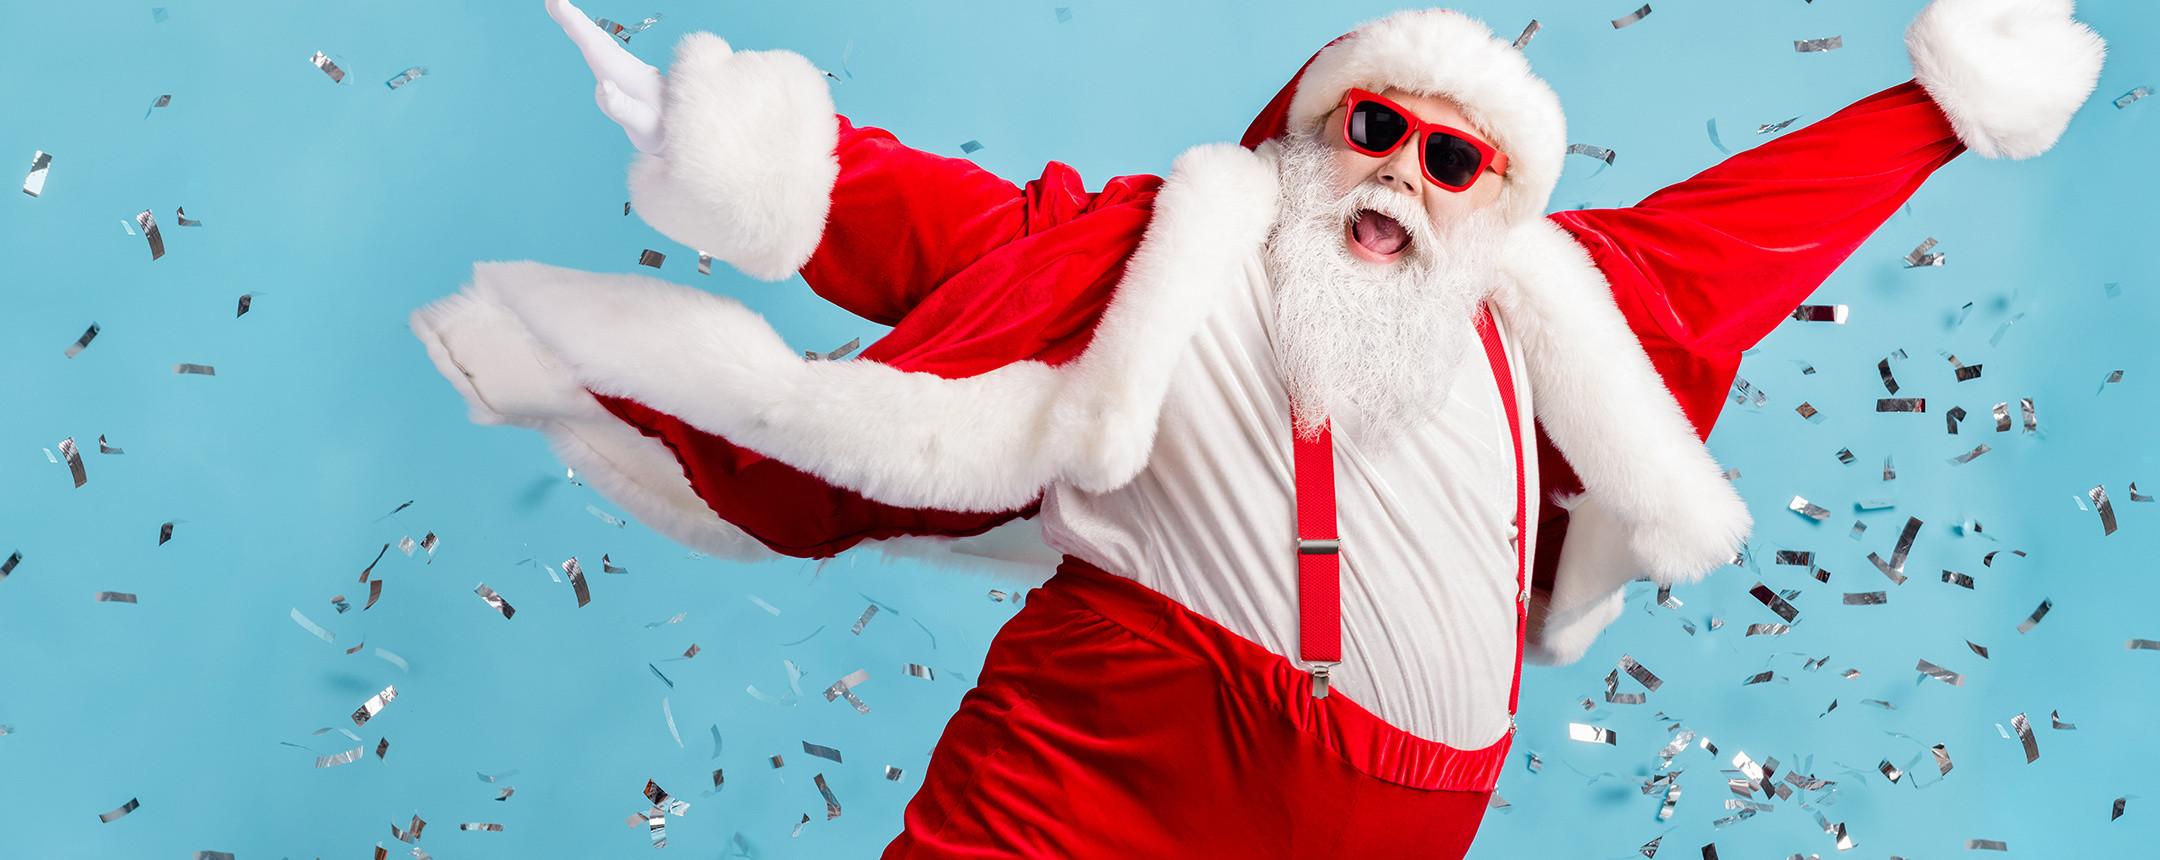 Noël Ouest Fetes